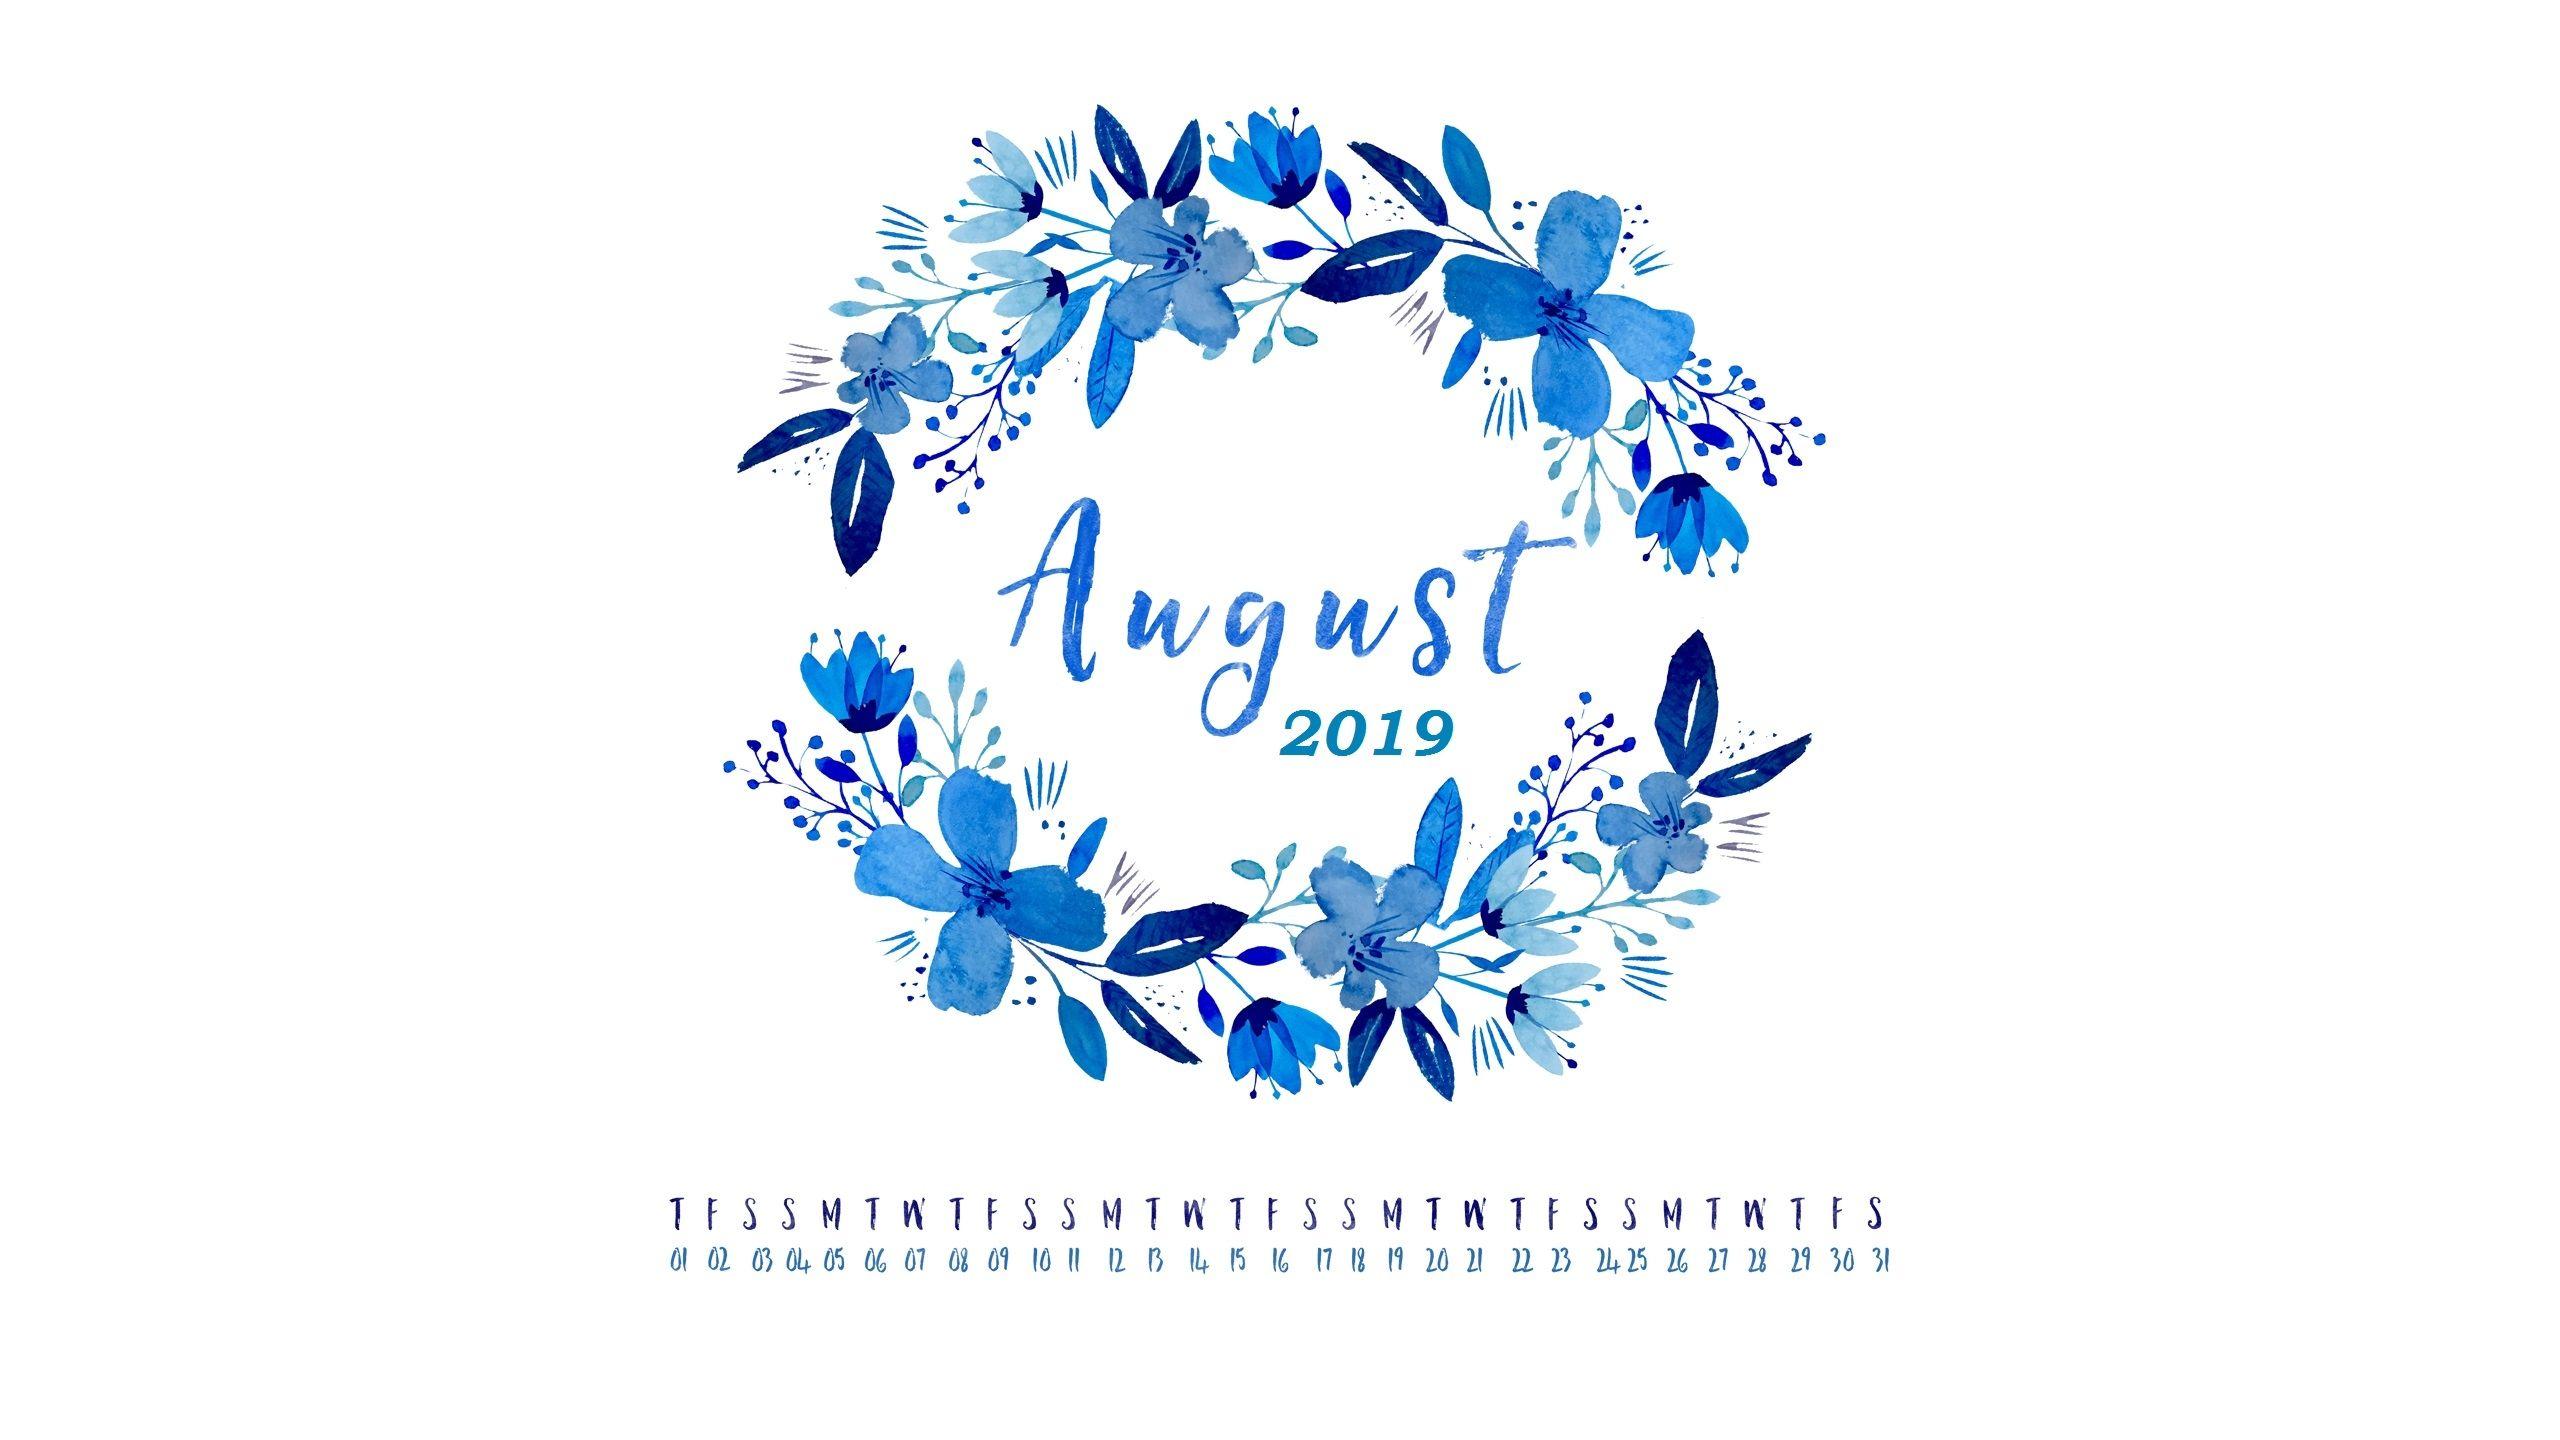 Free 2019 Hd Calendar Wallpapers Calendar 2019august 2019